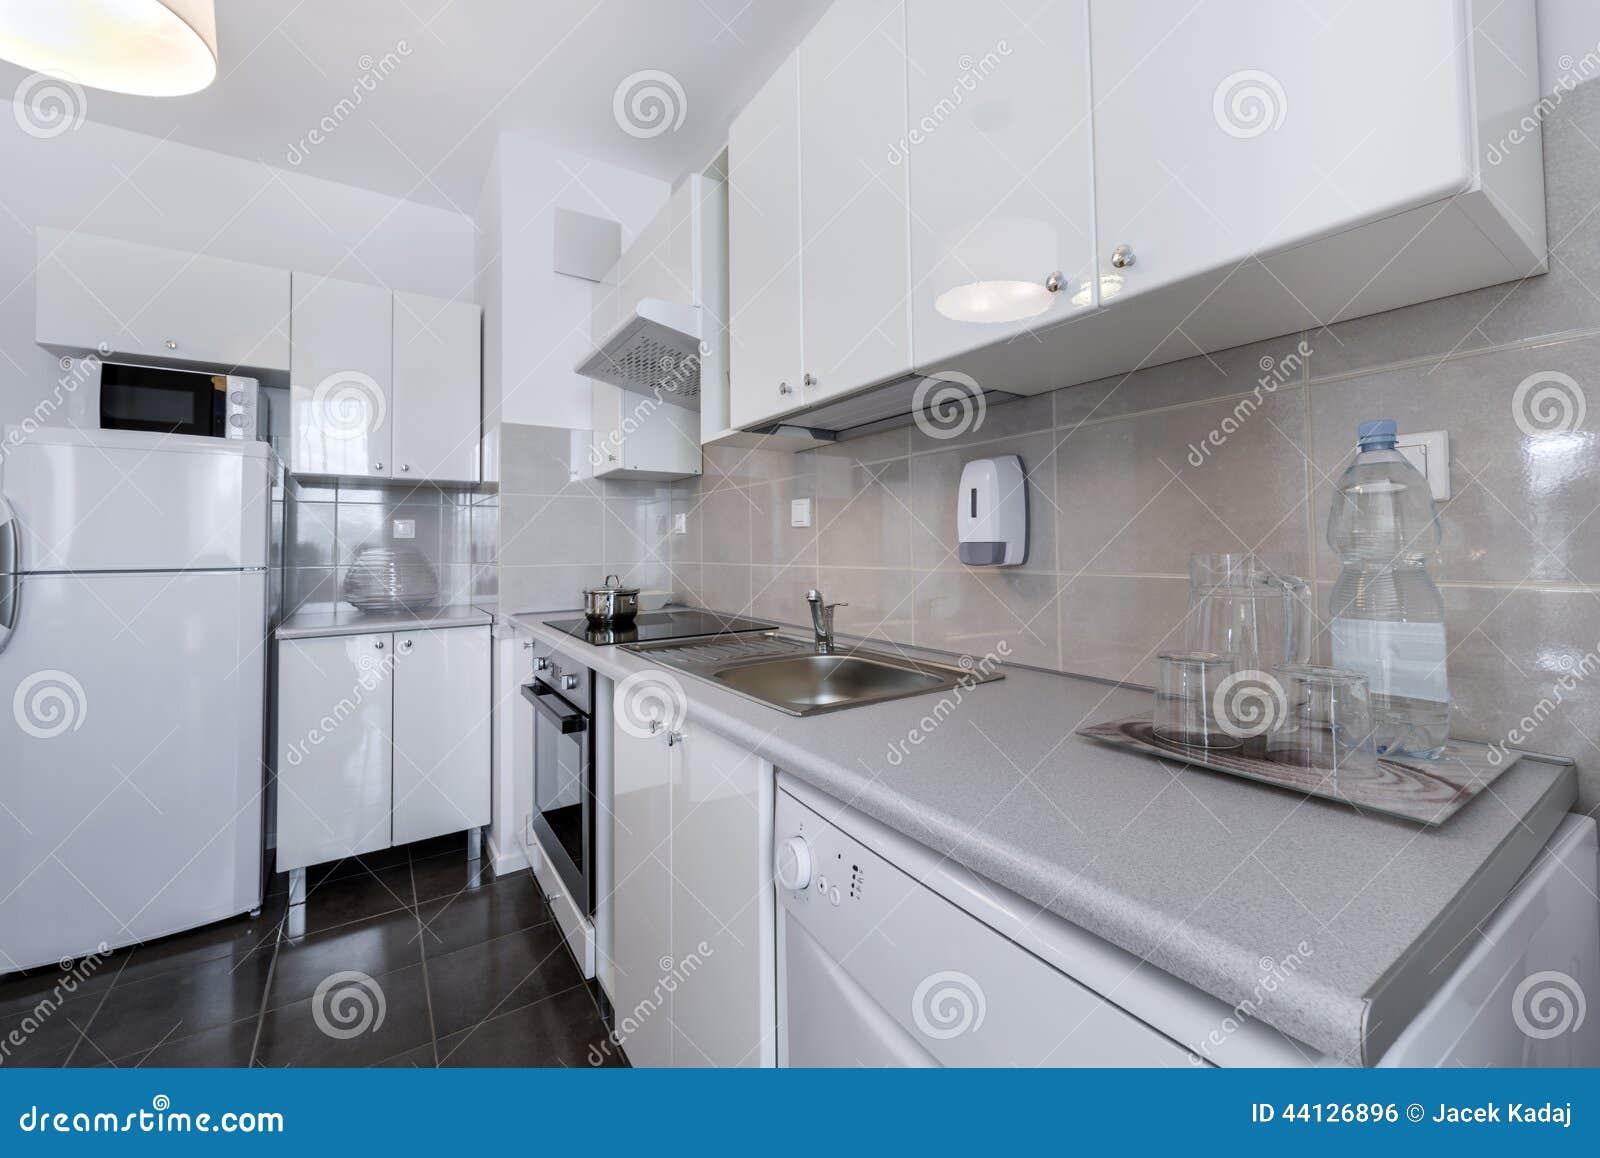 Blanc conception int rieure moderne petite cuisine for Conception cuisine 2d